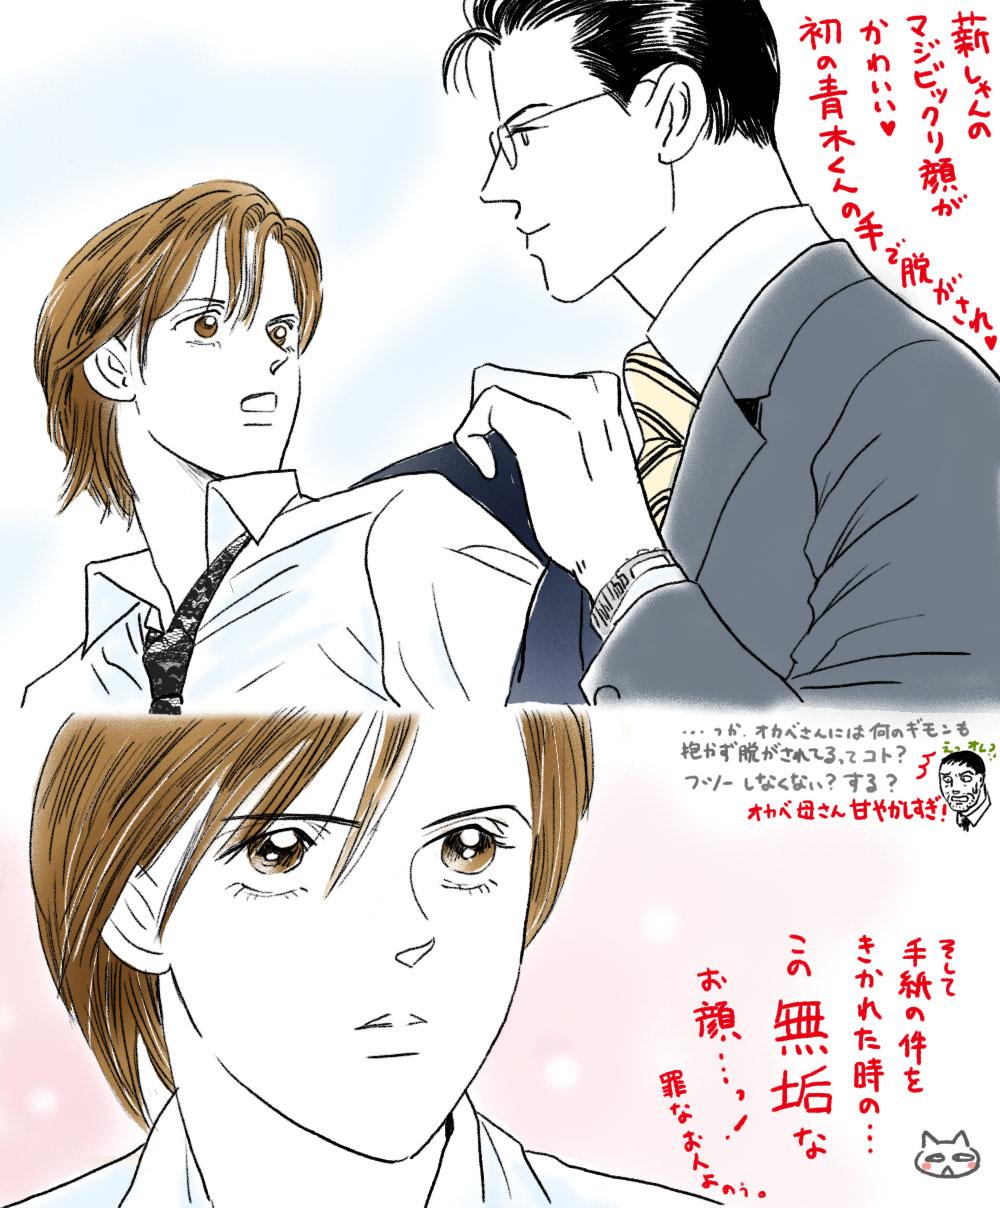 秘密 原罪レビュー1-2